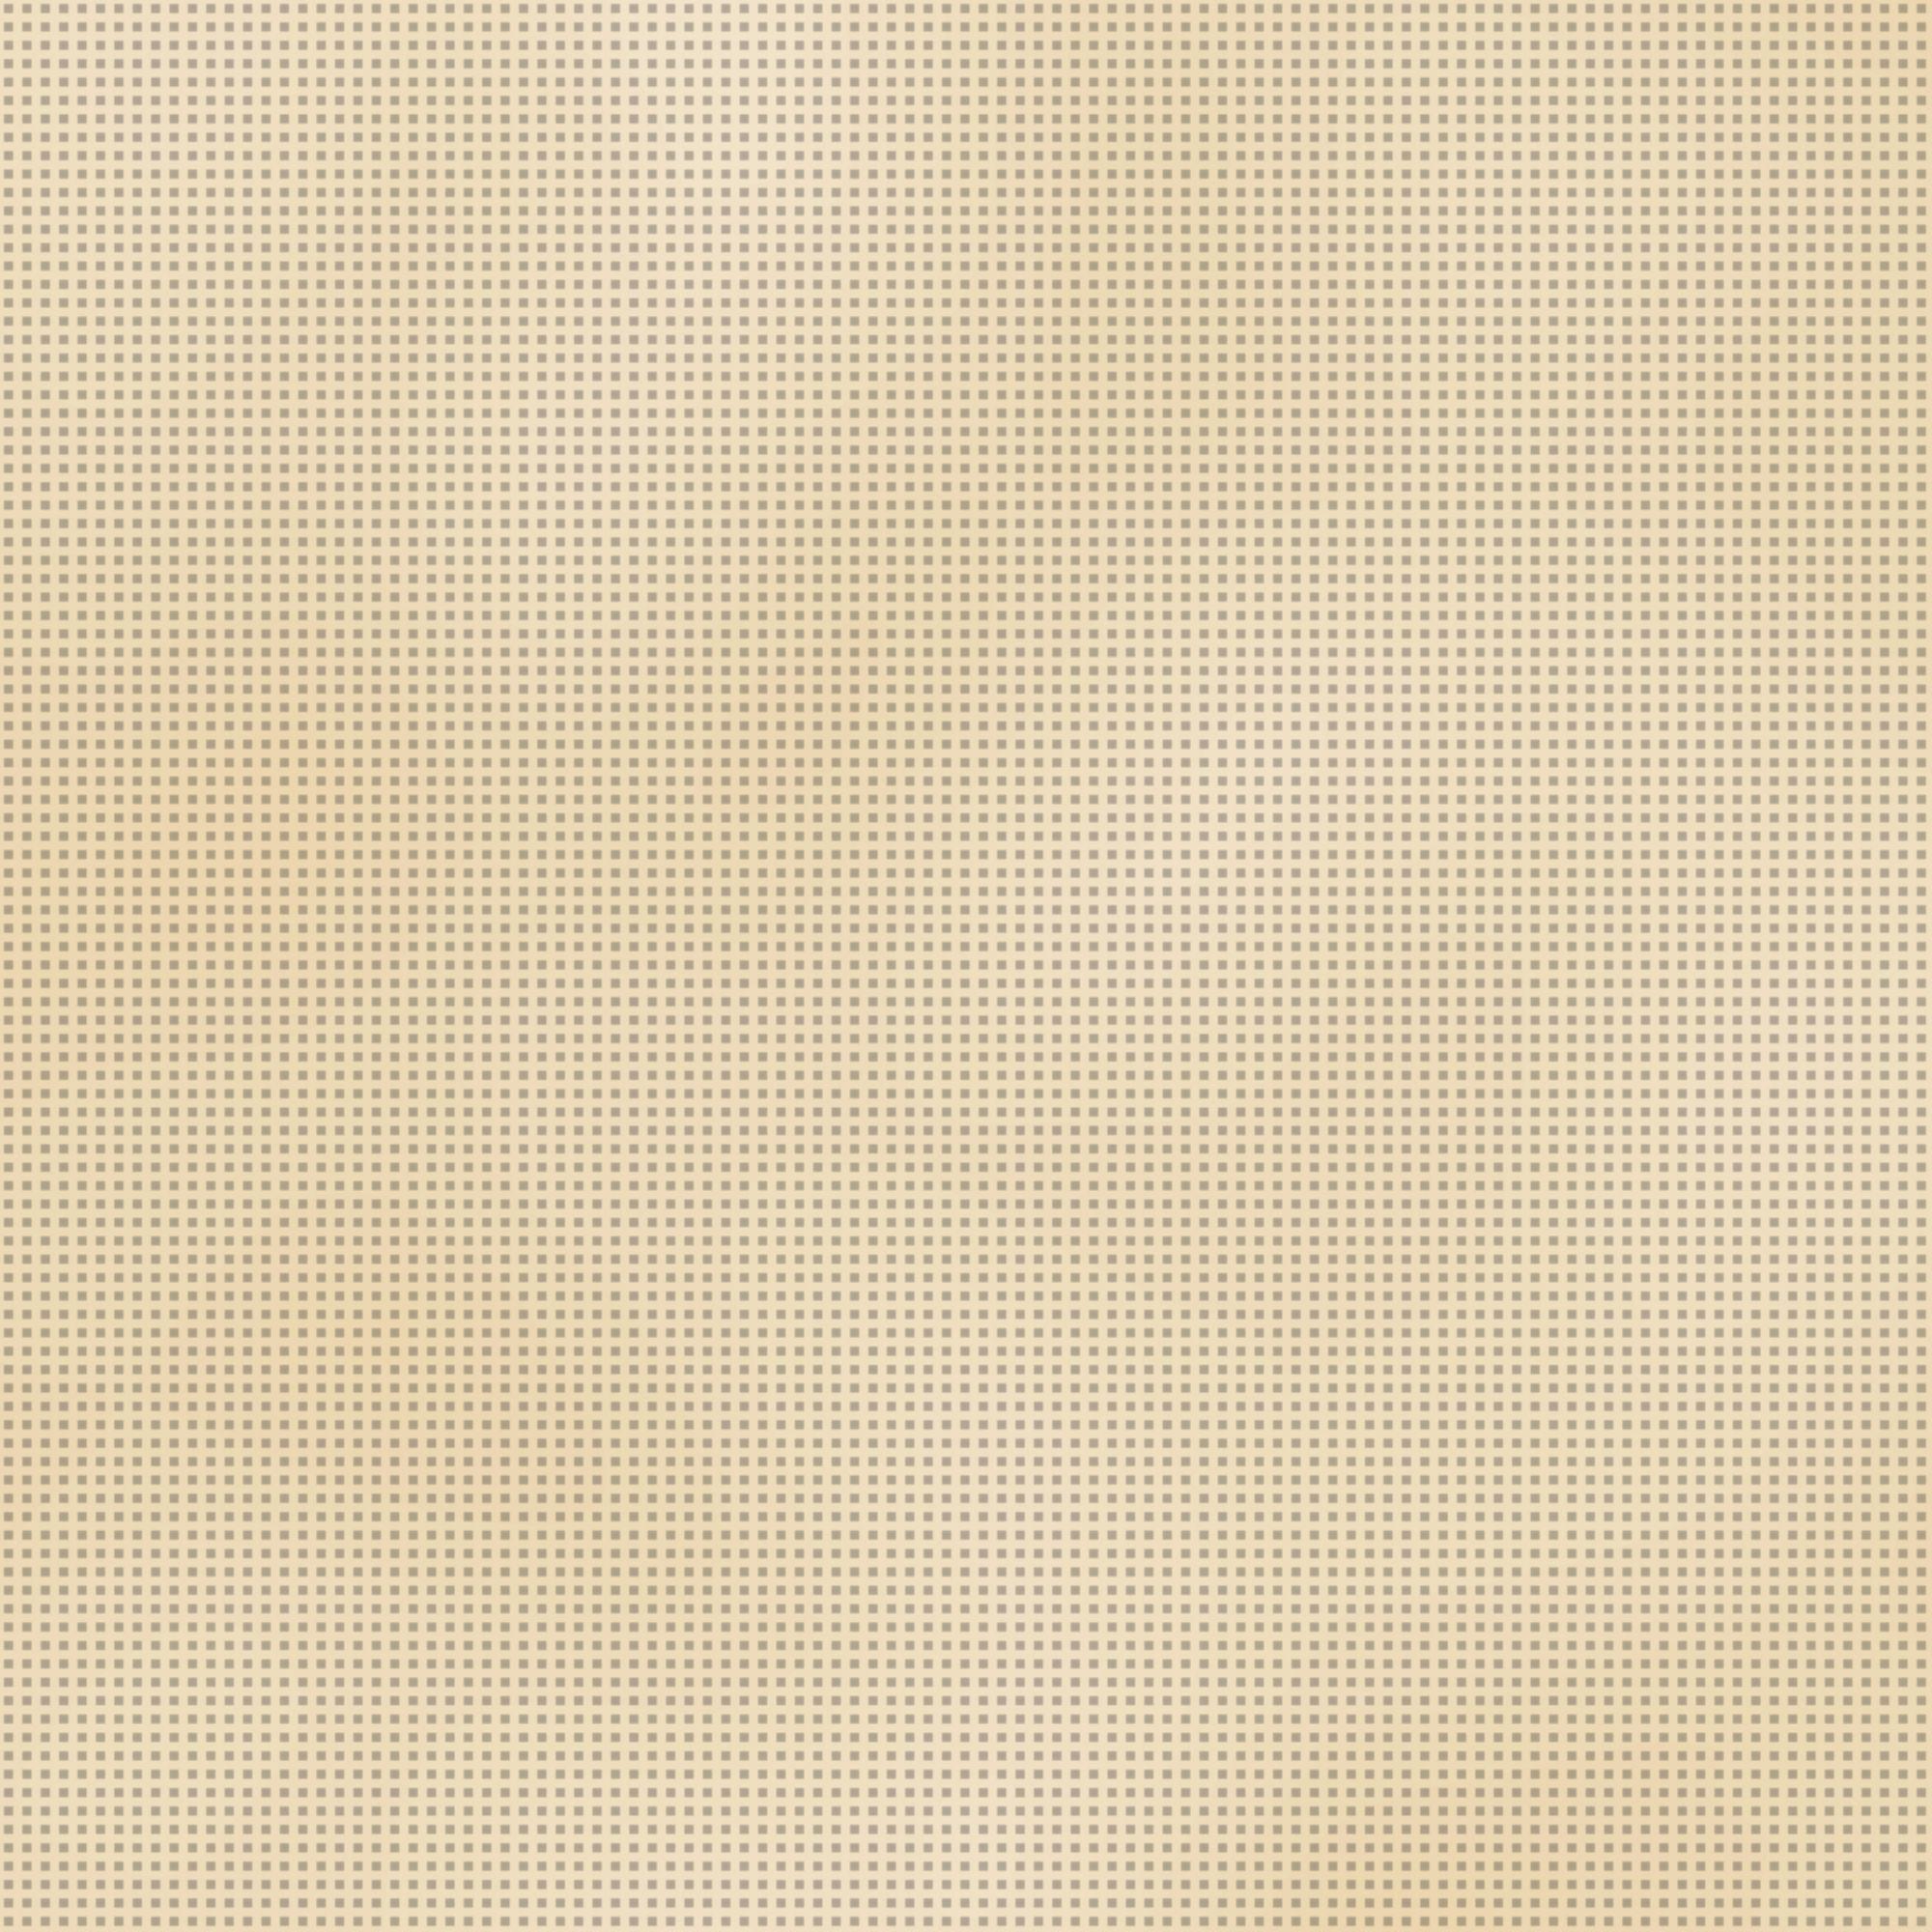 高清宣纸背景素材_洒金纸纹设计图_素材_背景底纹_底纹边框_设